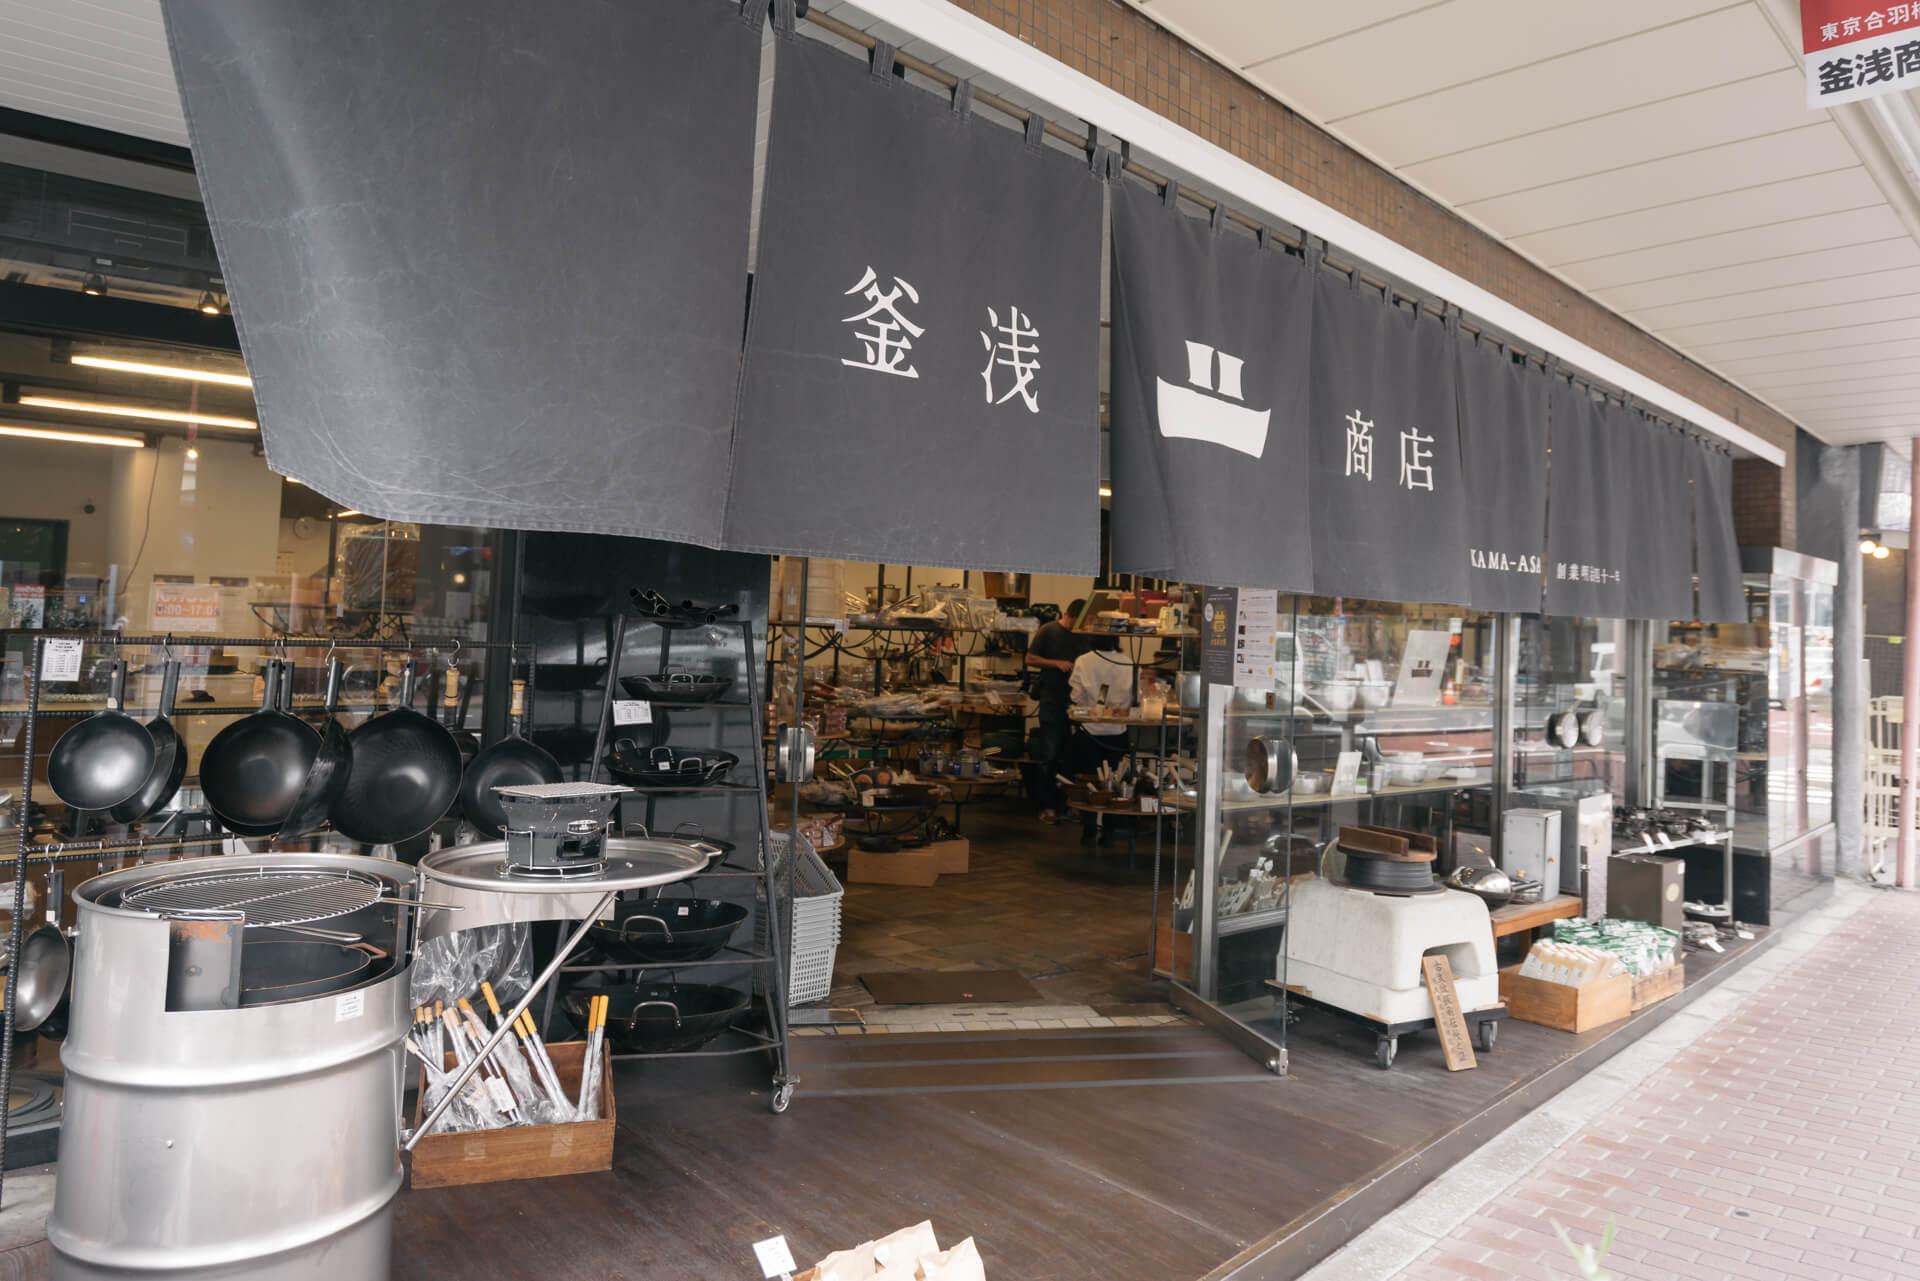 休みの日は「ちょっといいもの」買いに行こう!合羽橋で創業109年。釜浅商店の「良理道具」で、毎日の美味しい暮らしをつくる